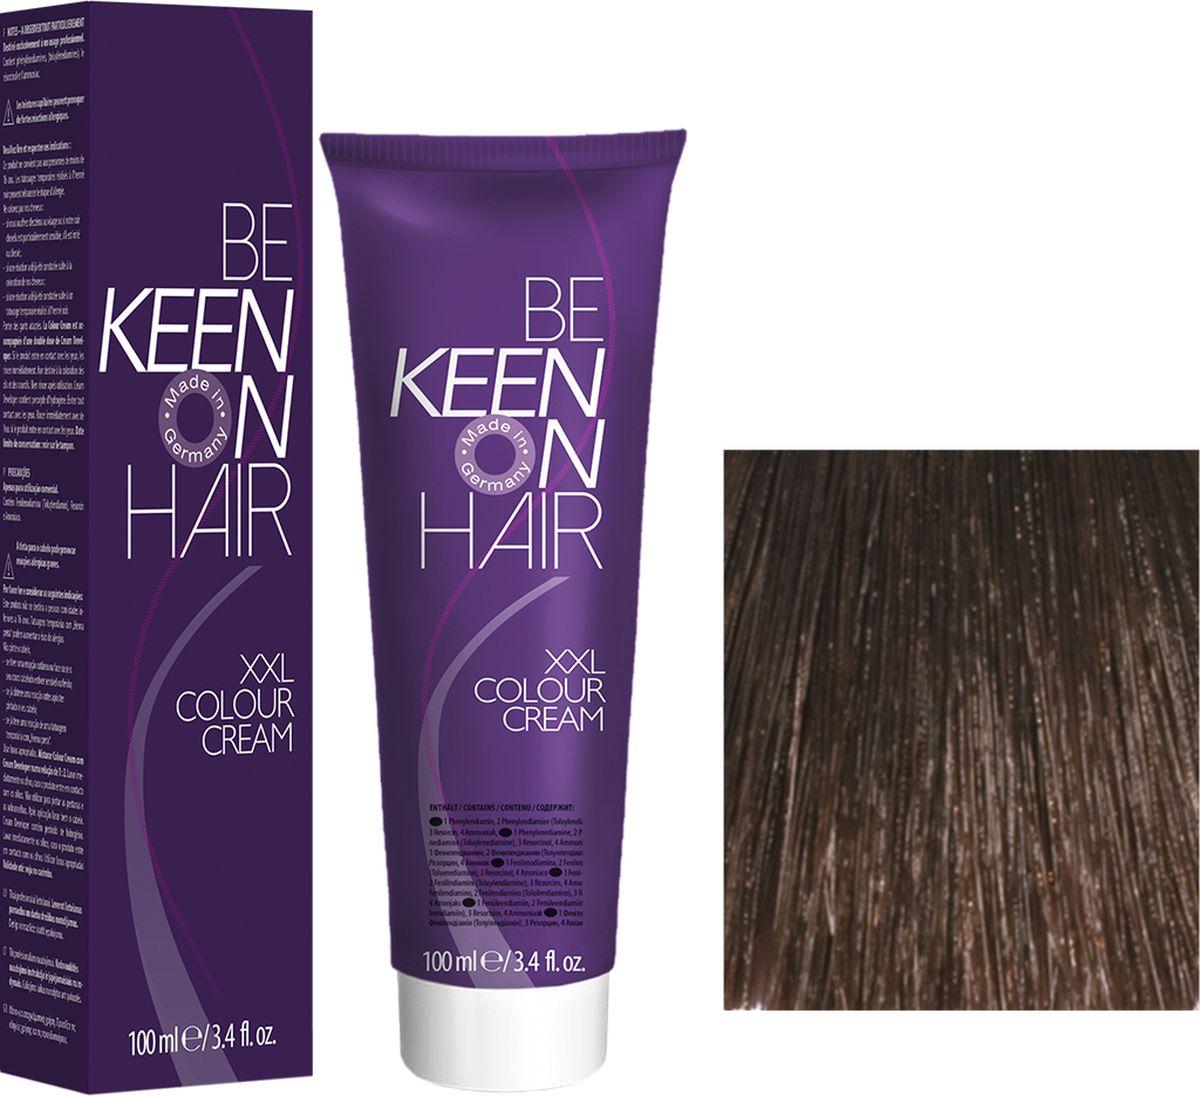 Keen Краска для волос 6.00+ Интенсивный темный блондин Dunkelbond +, 100 мл69100035Модные оттенкиБолее 100 оттенков для креативной комбинации цветов.ЭкономичностьПри использовании тюбика 100 мл вы получаете оптимальное соотношение цены и качества!УходМолочный белок поддерживает структуру волоса во время окрашивания и придает волосам блеск и шелковистость. Протеины хорошо встраиваются в волосы и снабжают их влагой.